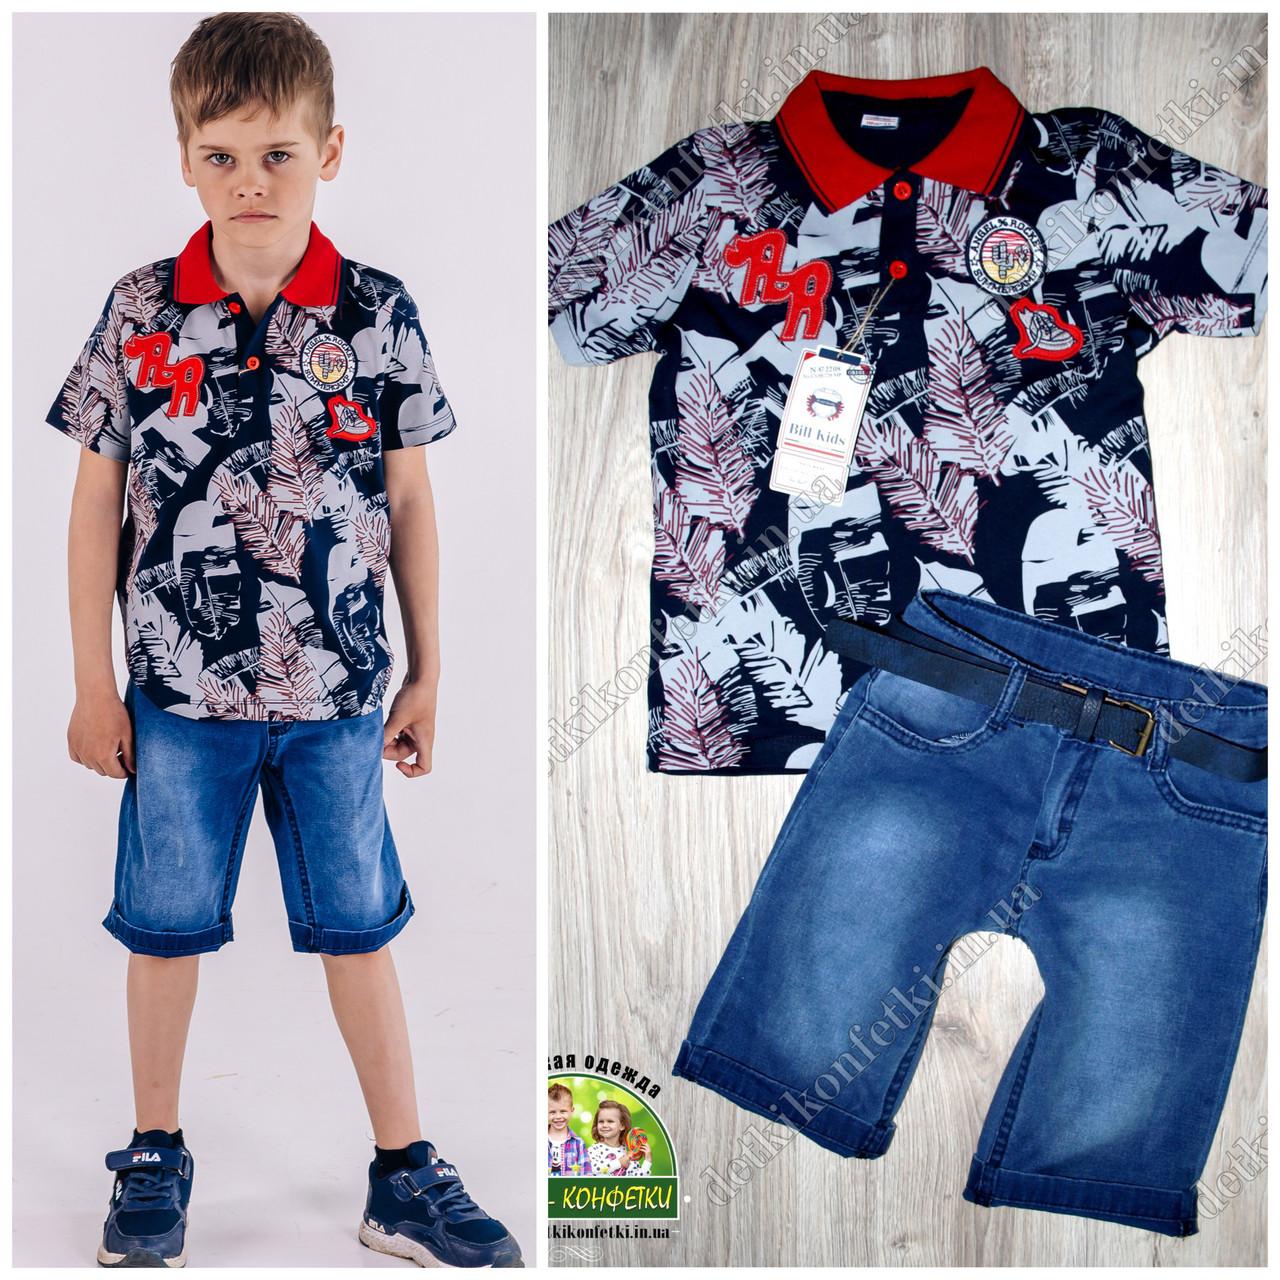 Летний костюм для мальчика 5 лет: темно-синяя футболка Поло и джинсовые шорты с поясом